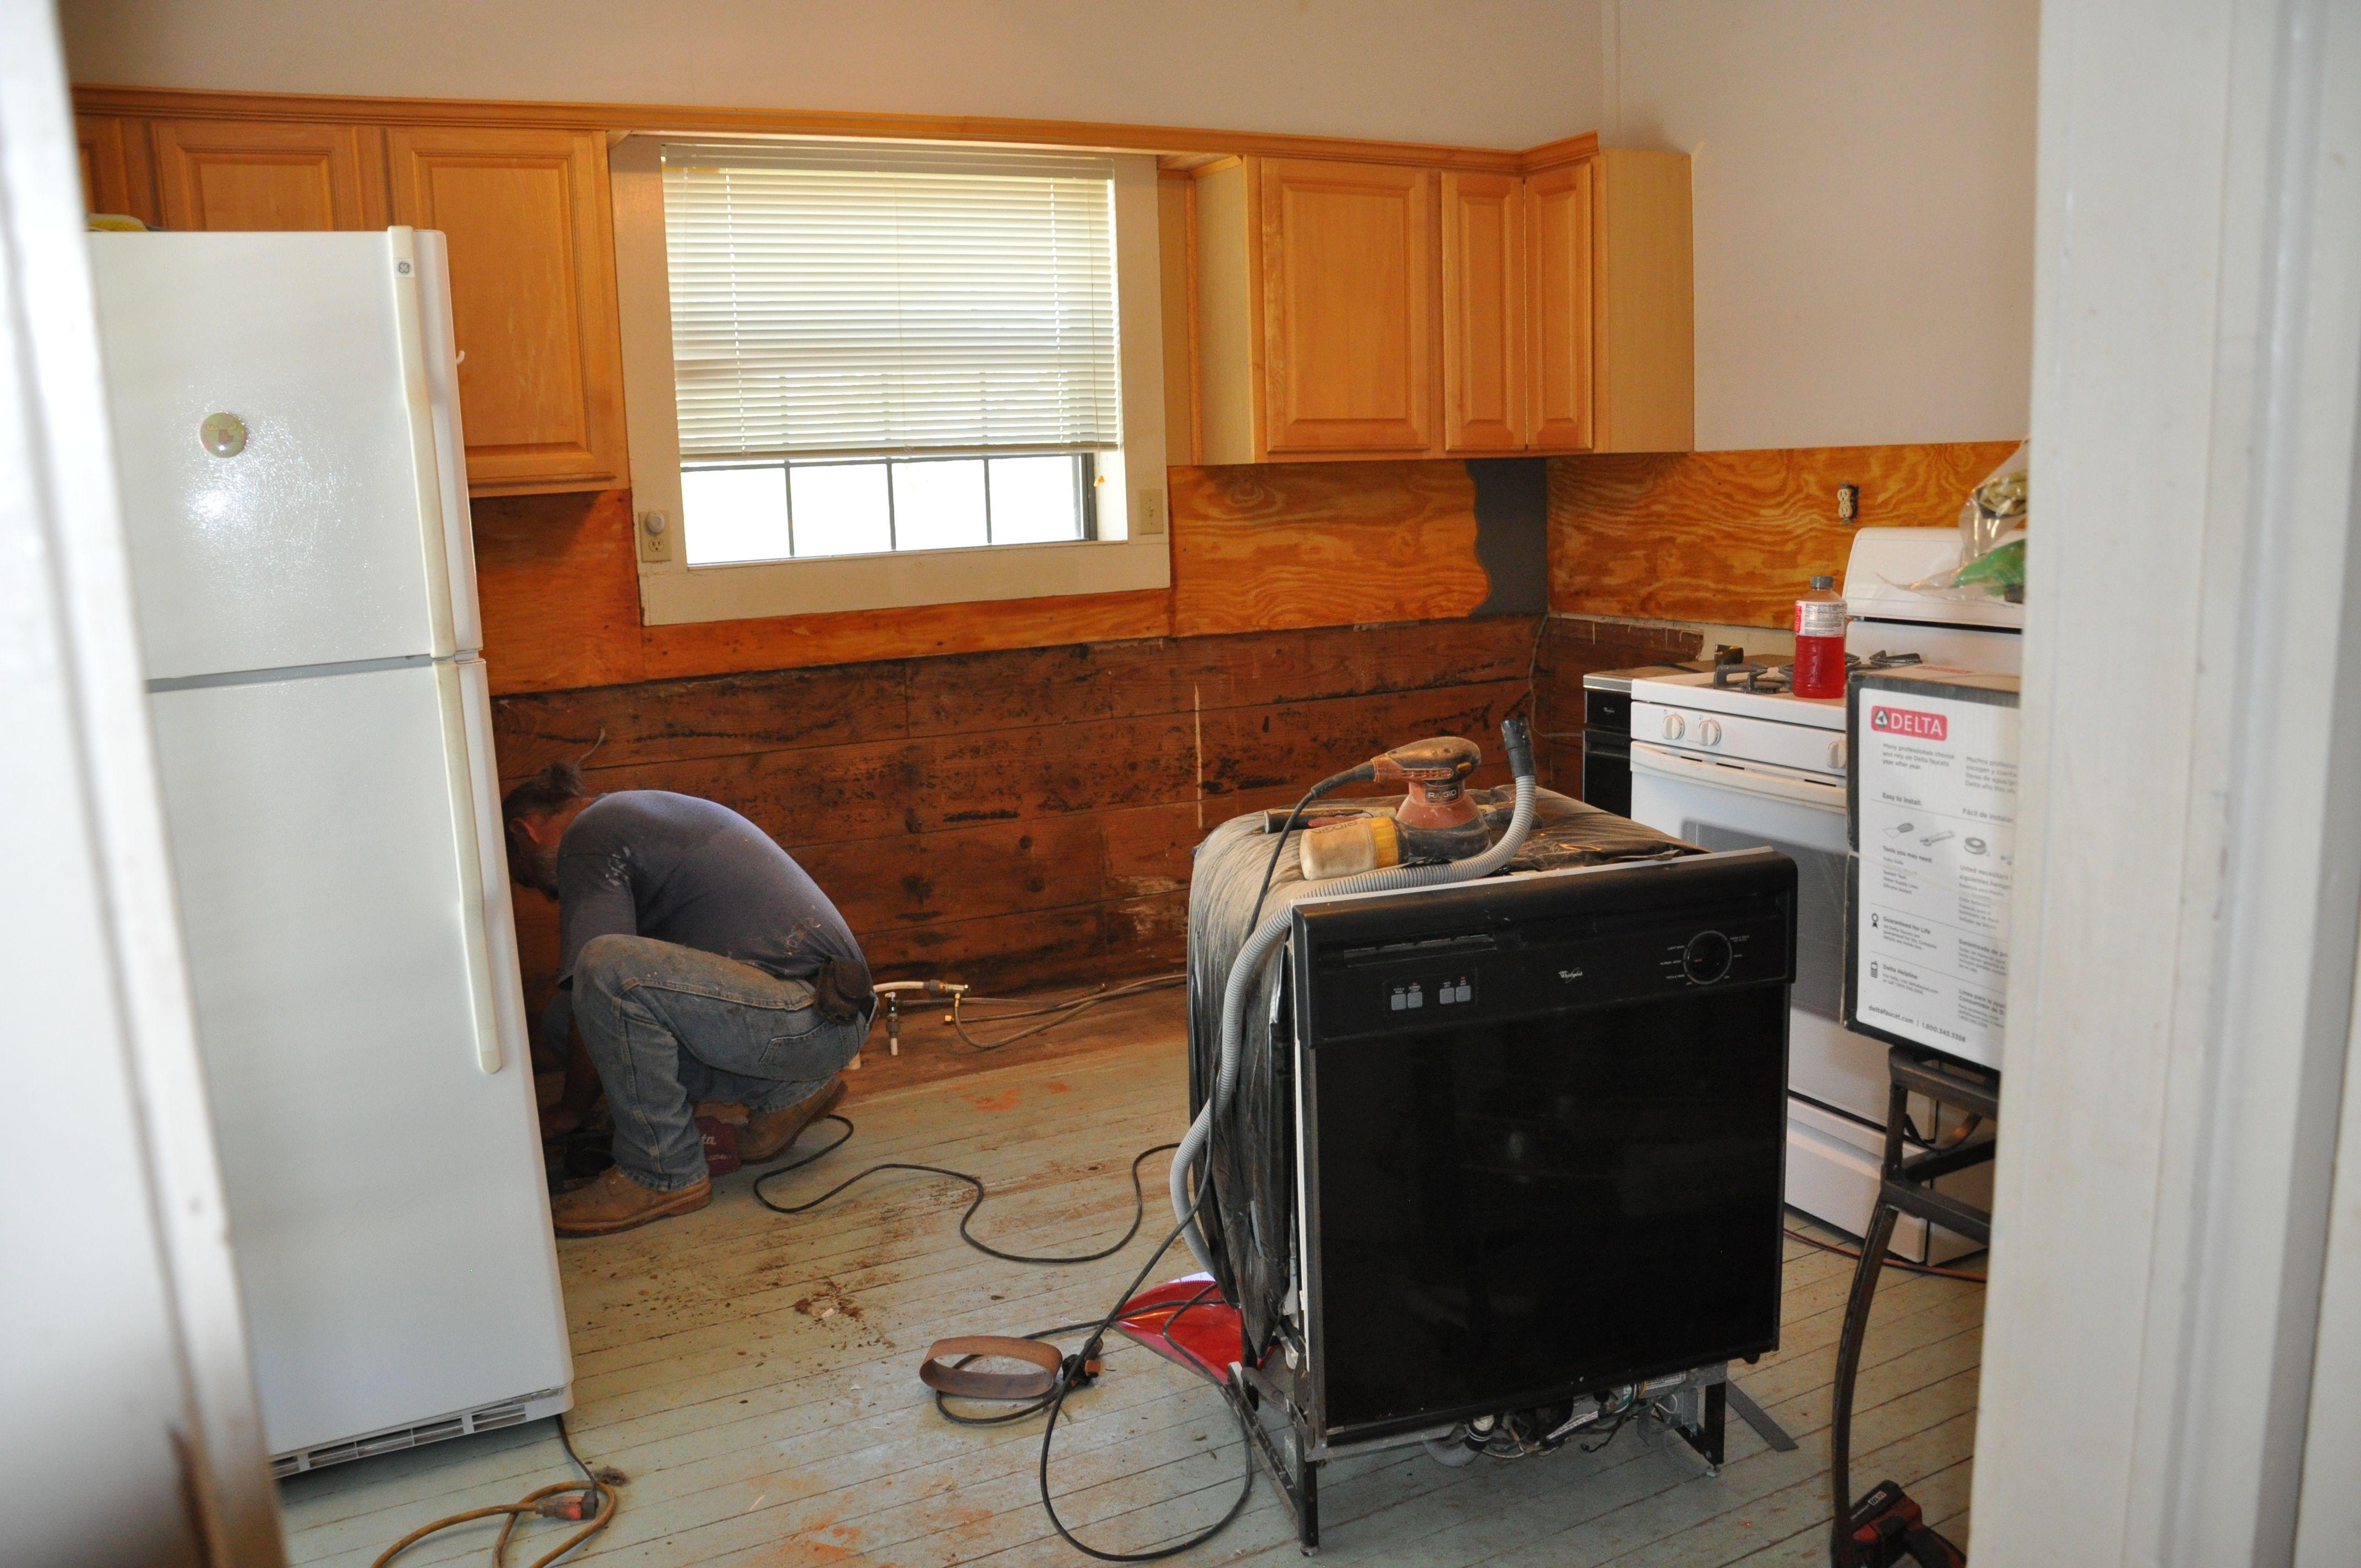 Demolition in progress....bye-bye rotten bottom cabinets ...